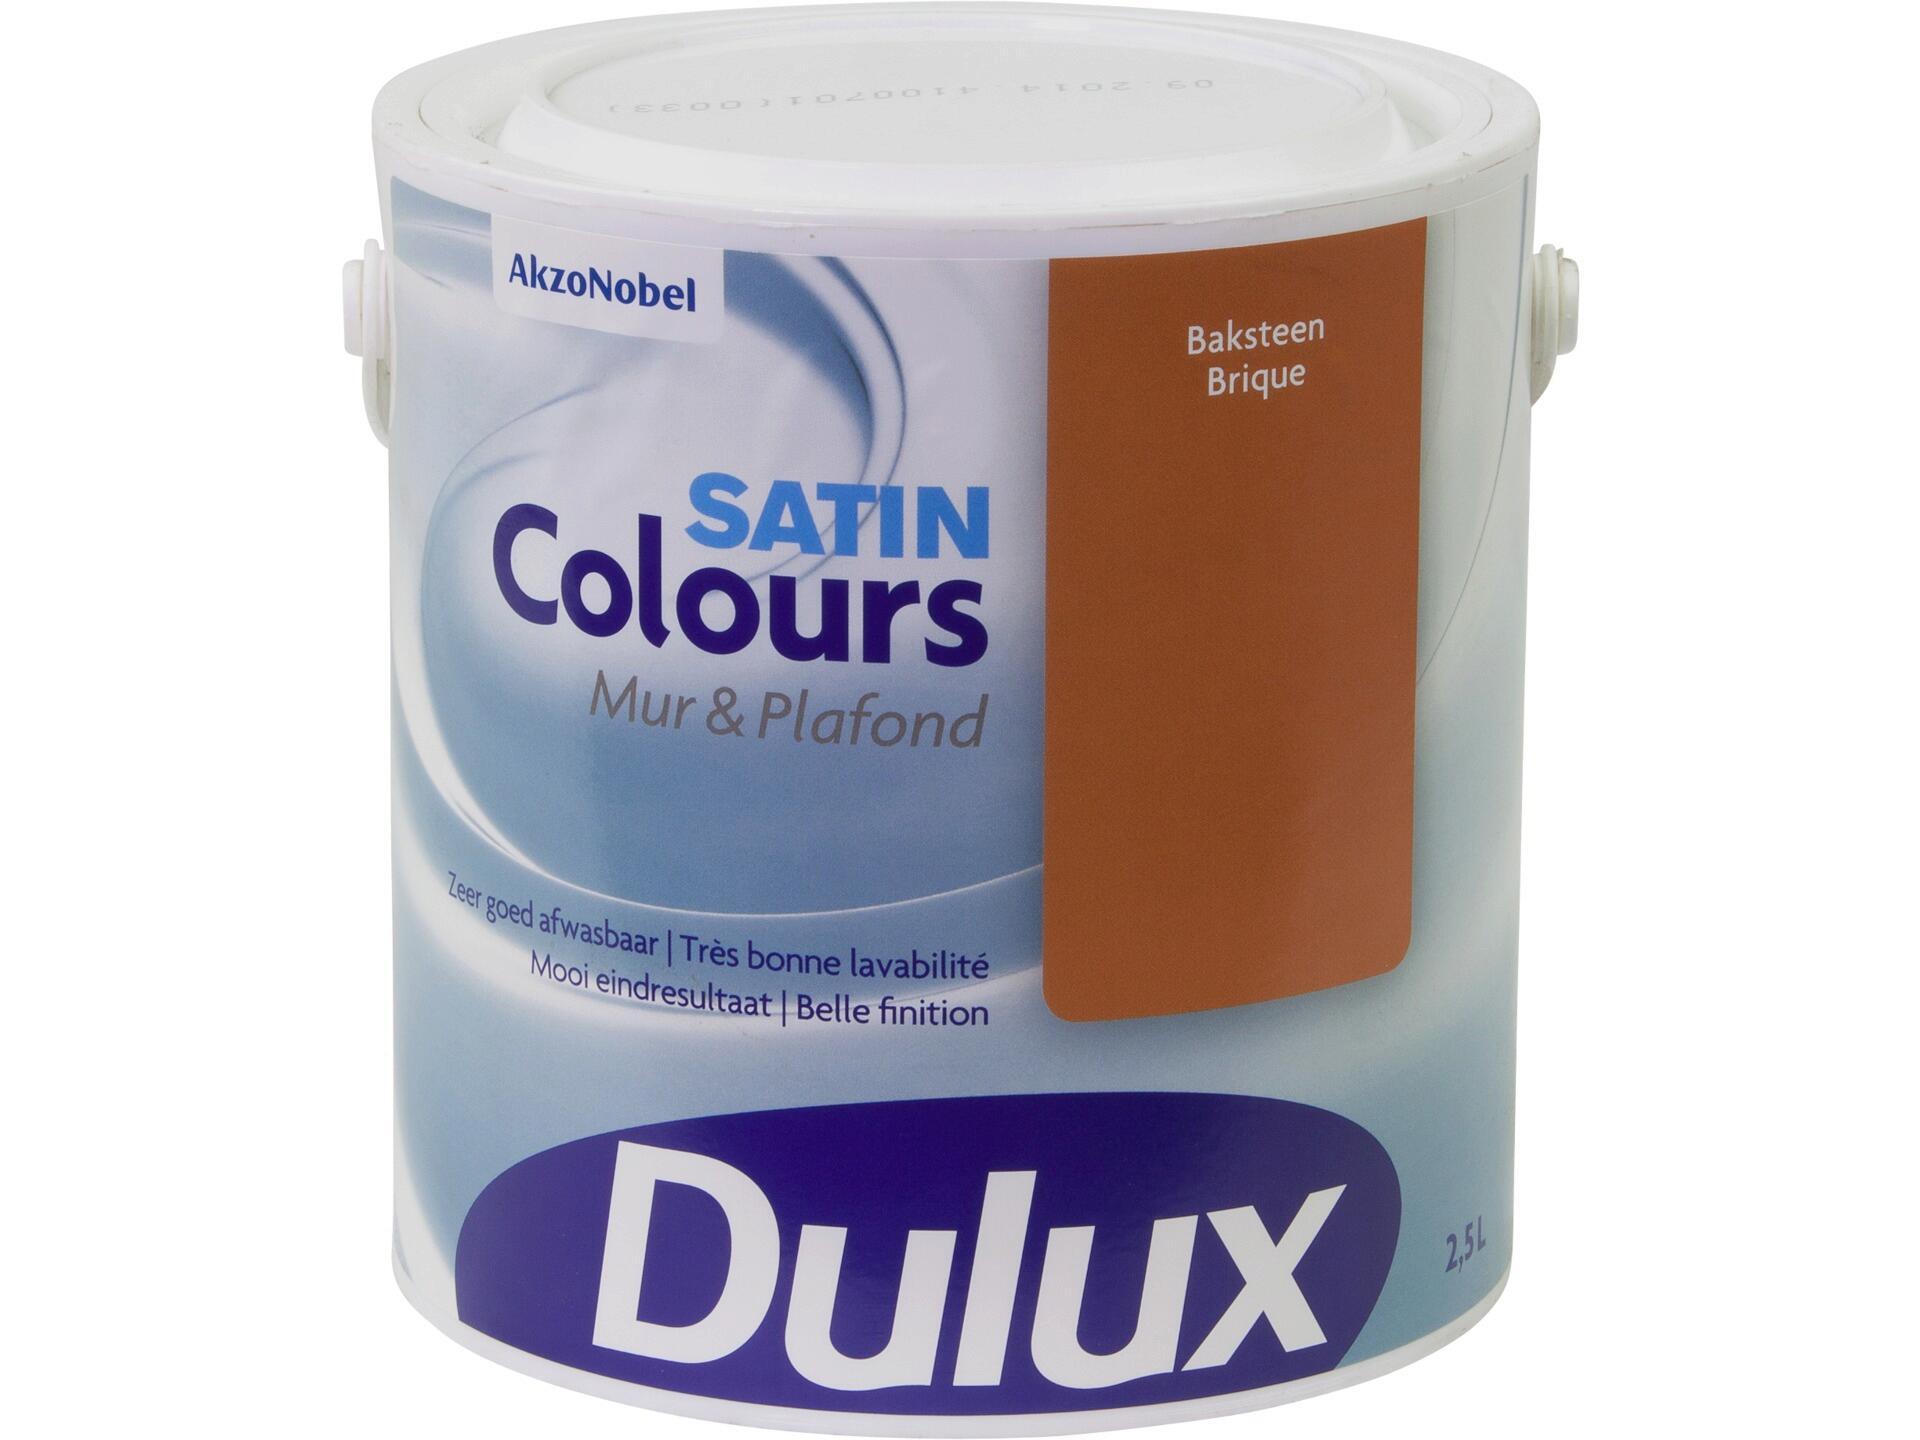 Peindre Un Mur De Brique dulux colours peinture mur & plafond satin 2,5l brique